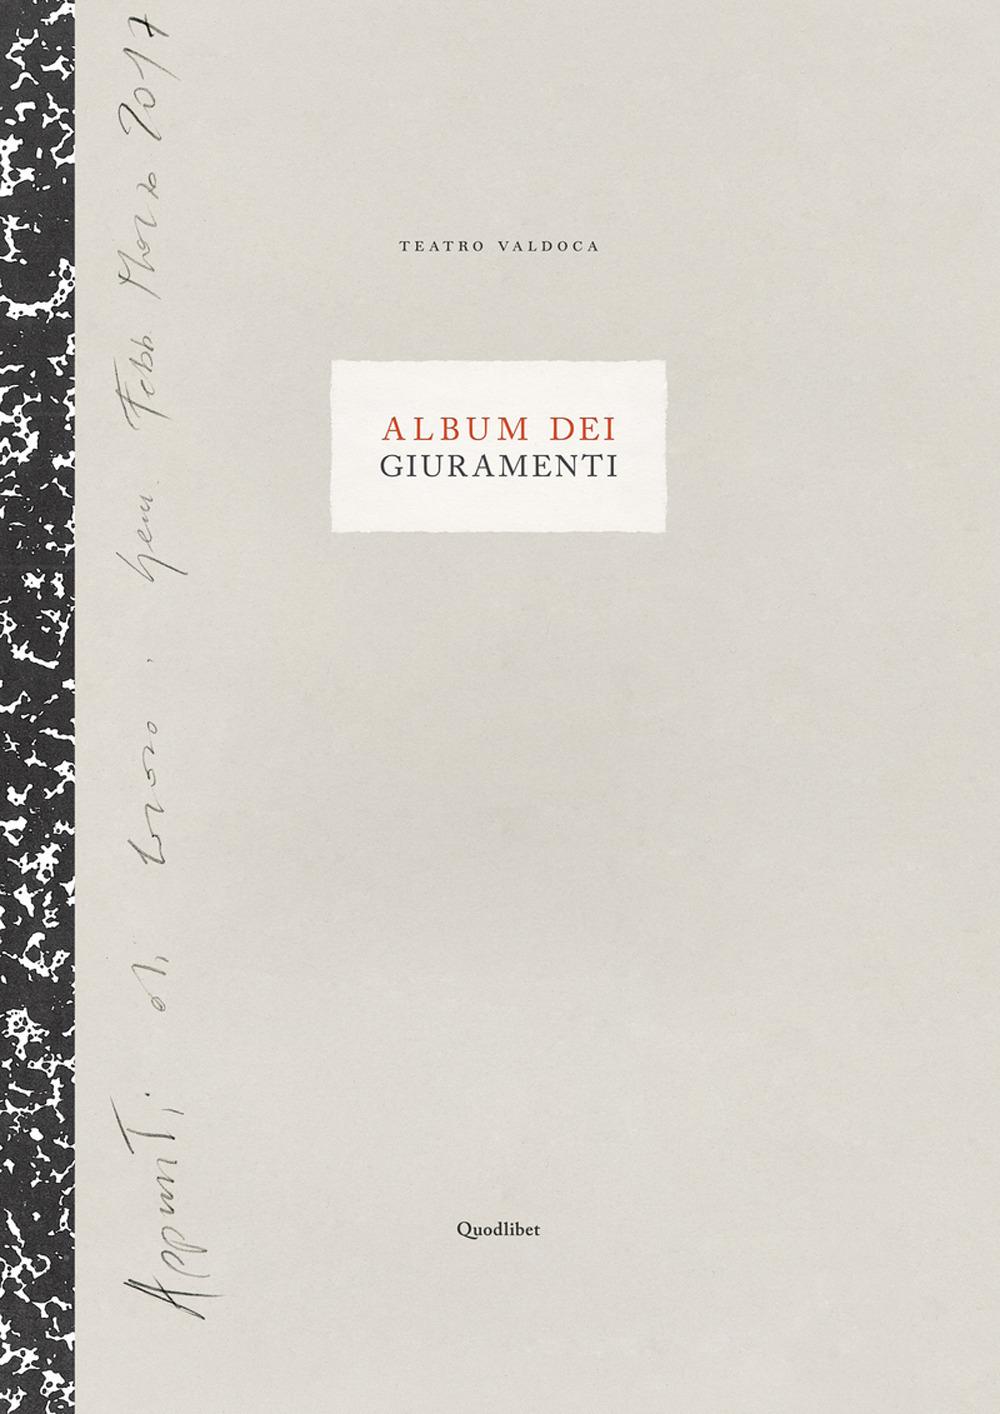 ALBUM DEI GIURAMENTI. TAVOLE DEI GIURAMENTI - 9788822903761